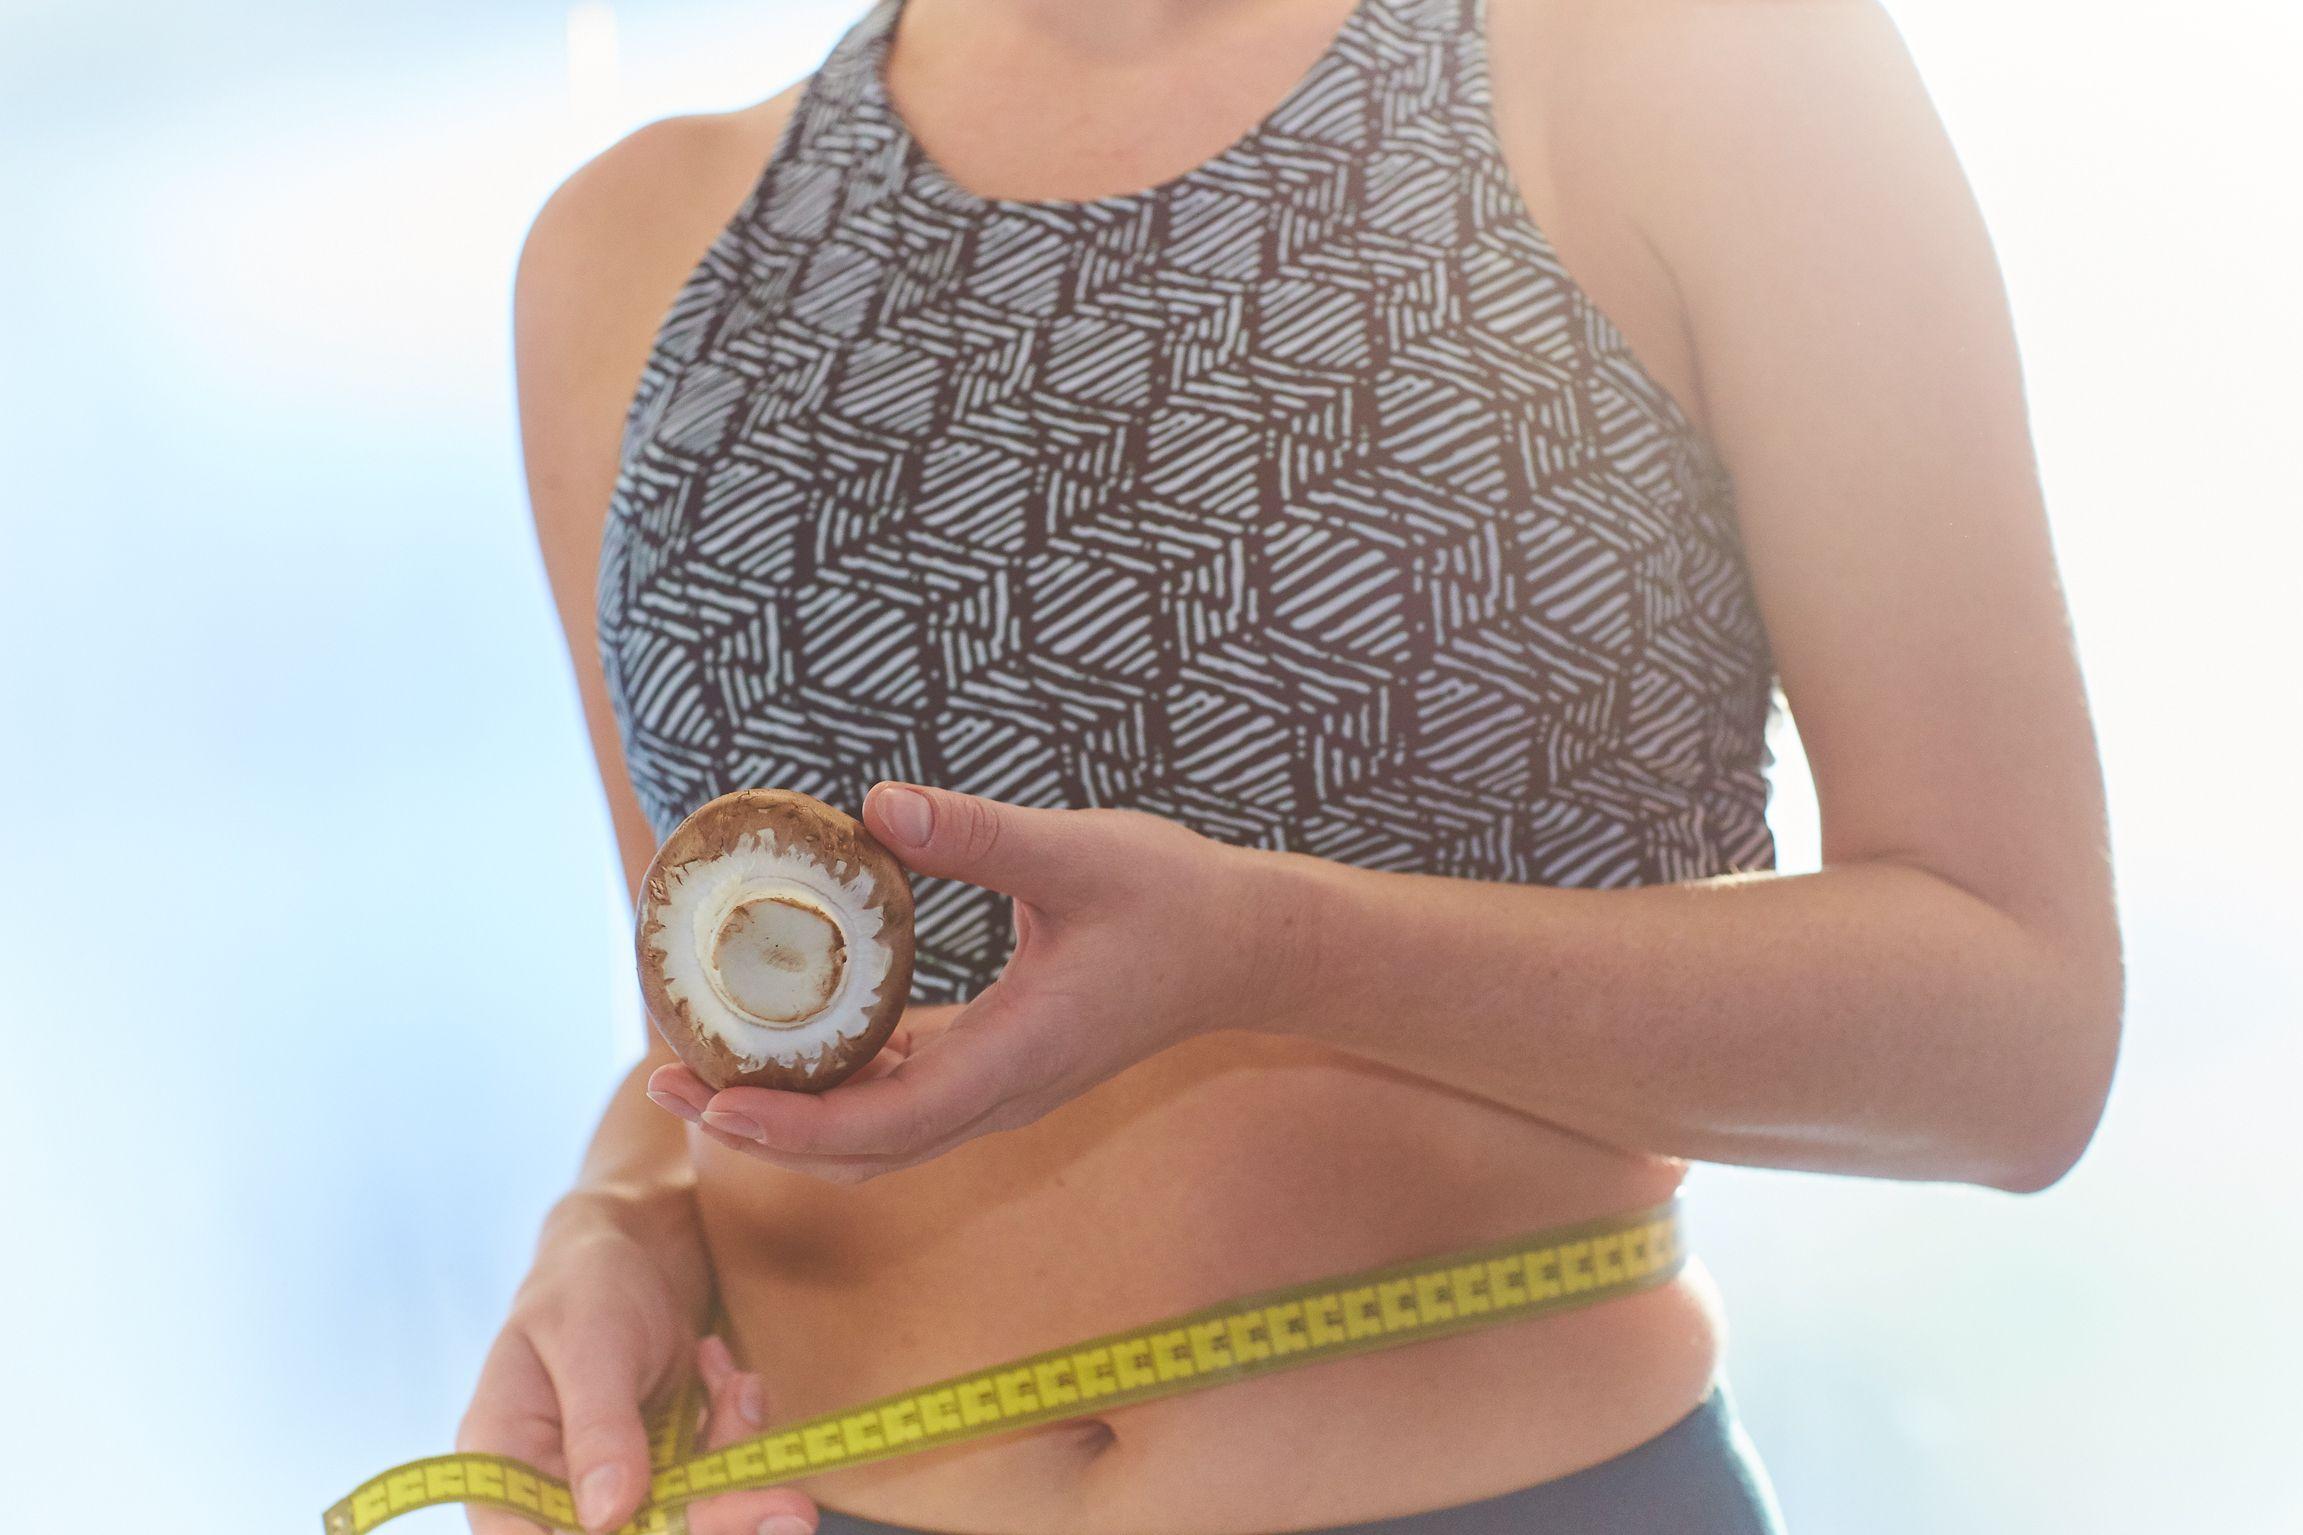 Wunderbar sättigend, kaum Kalorien – die Nährwerte der Pilze